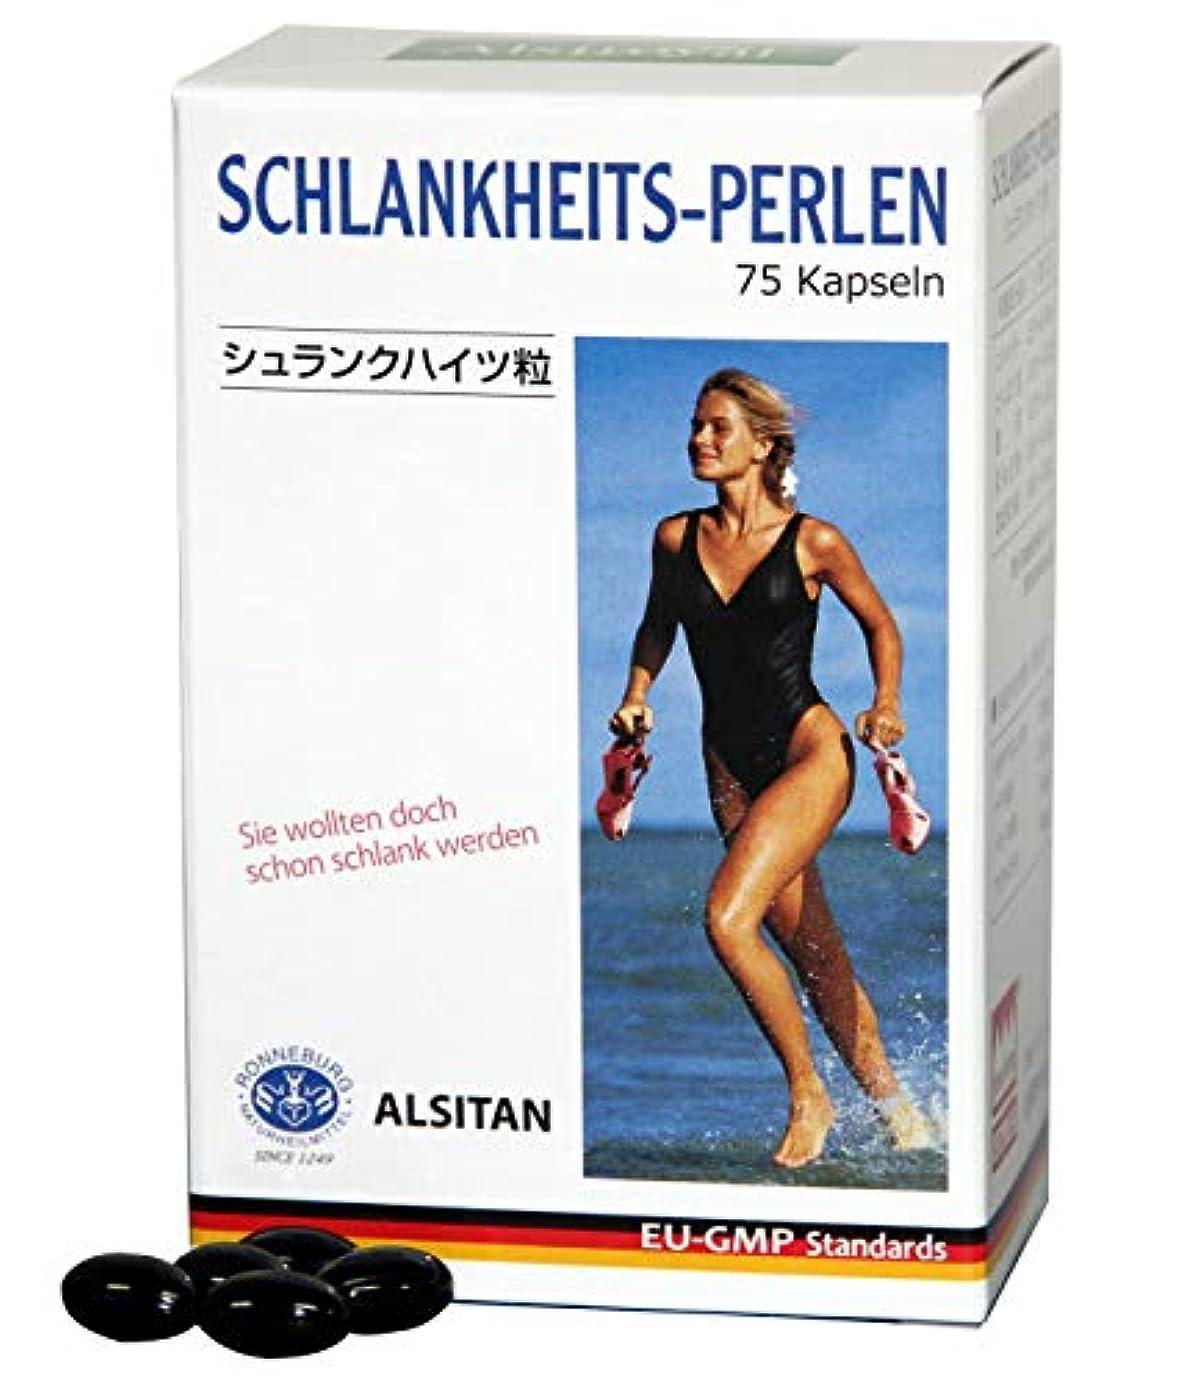 デンマーク恐怖症起きているシュランクハイツ粒 ダイエットサプリメント 4箱セット 300粒 増量新箱